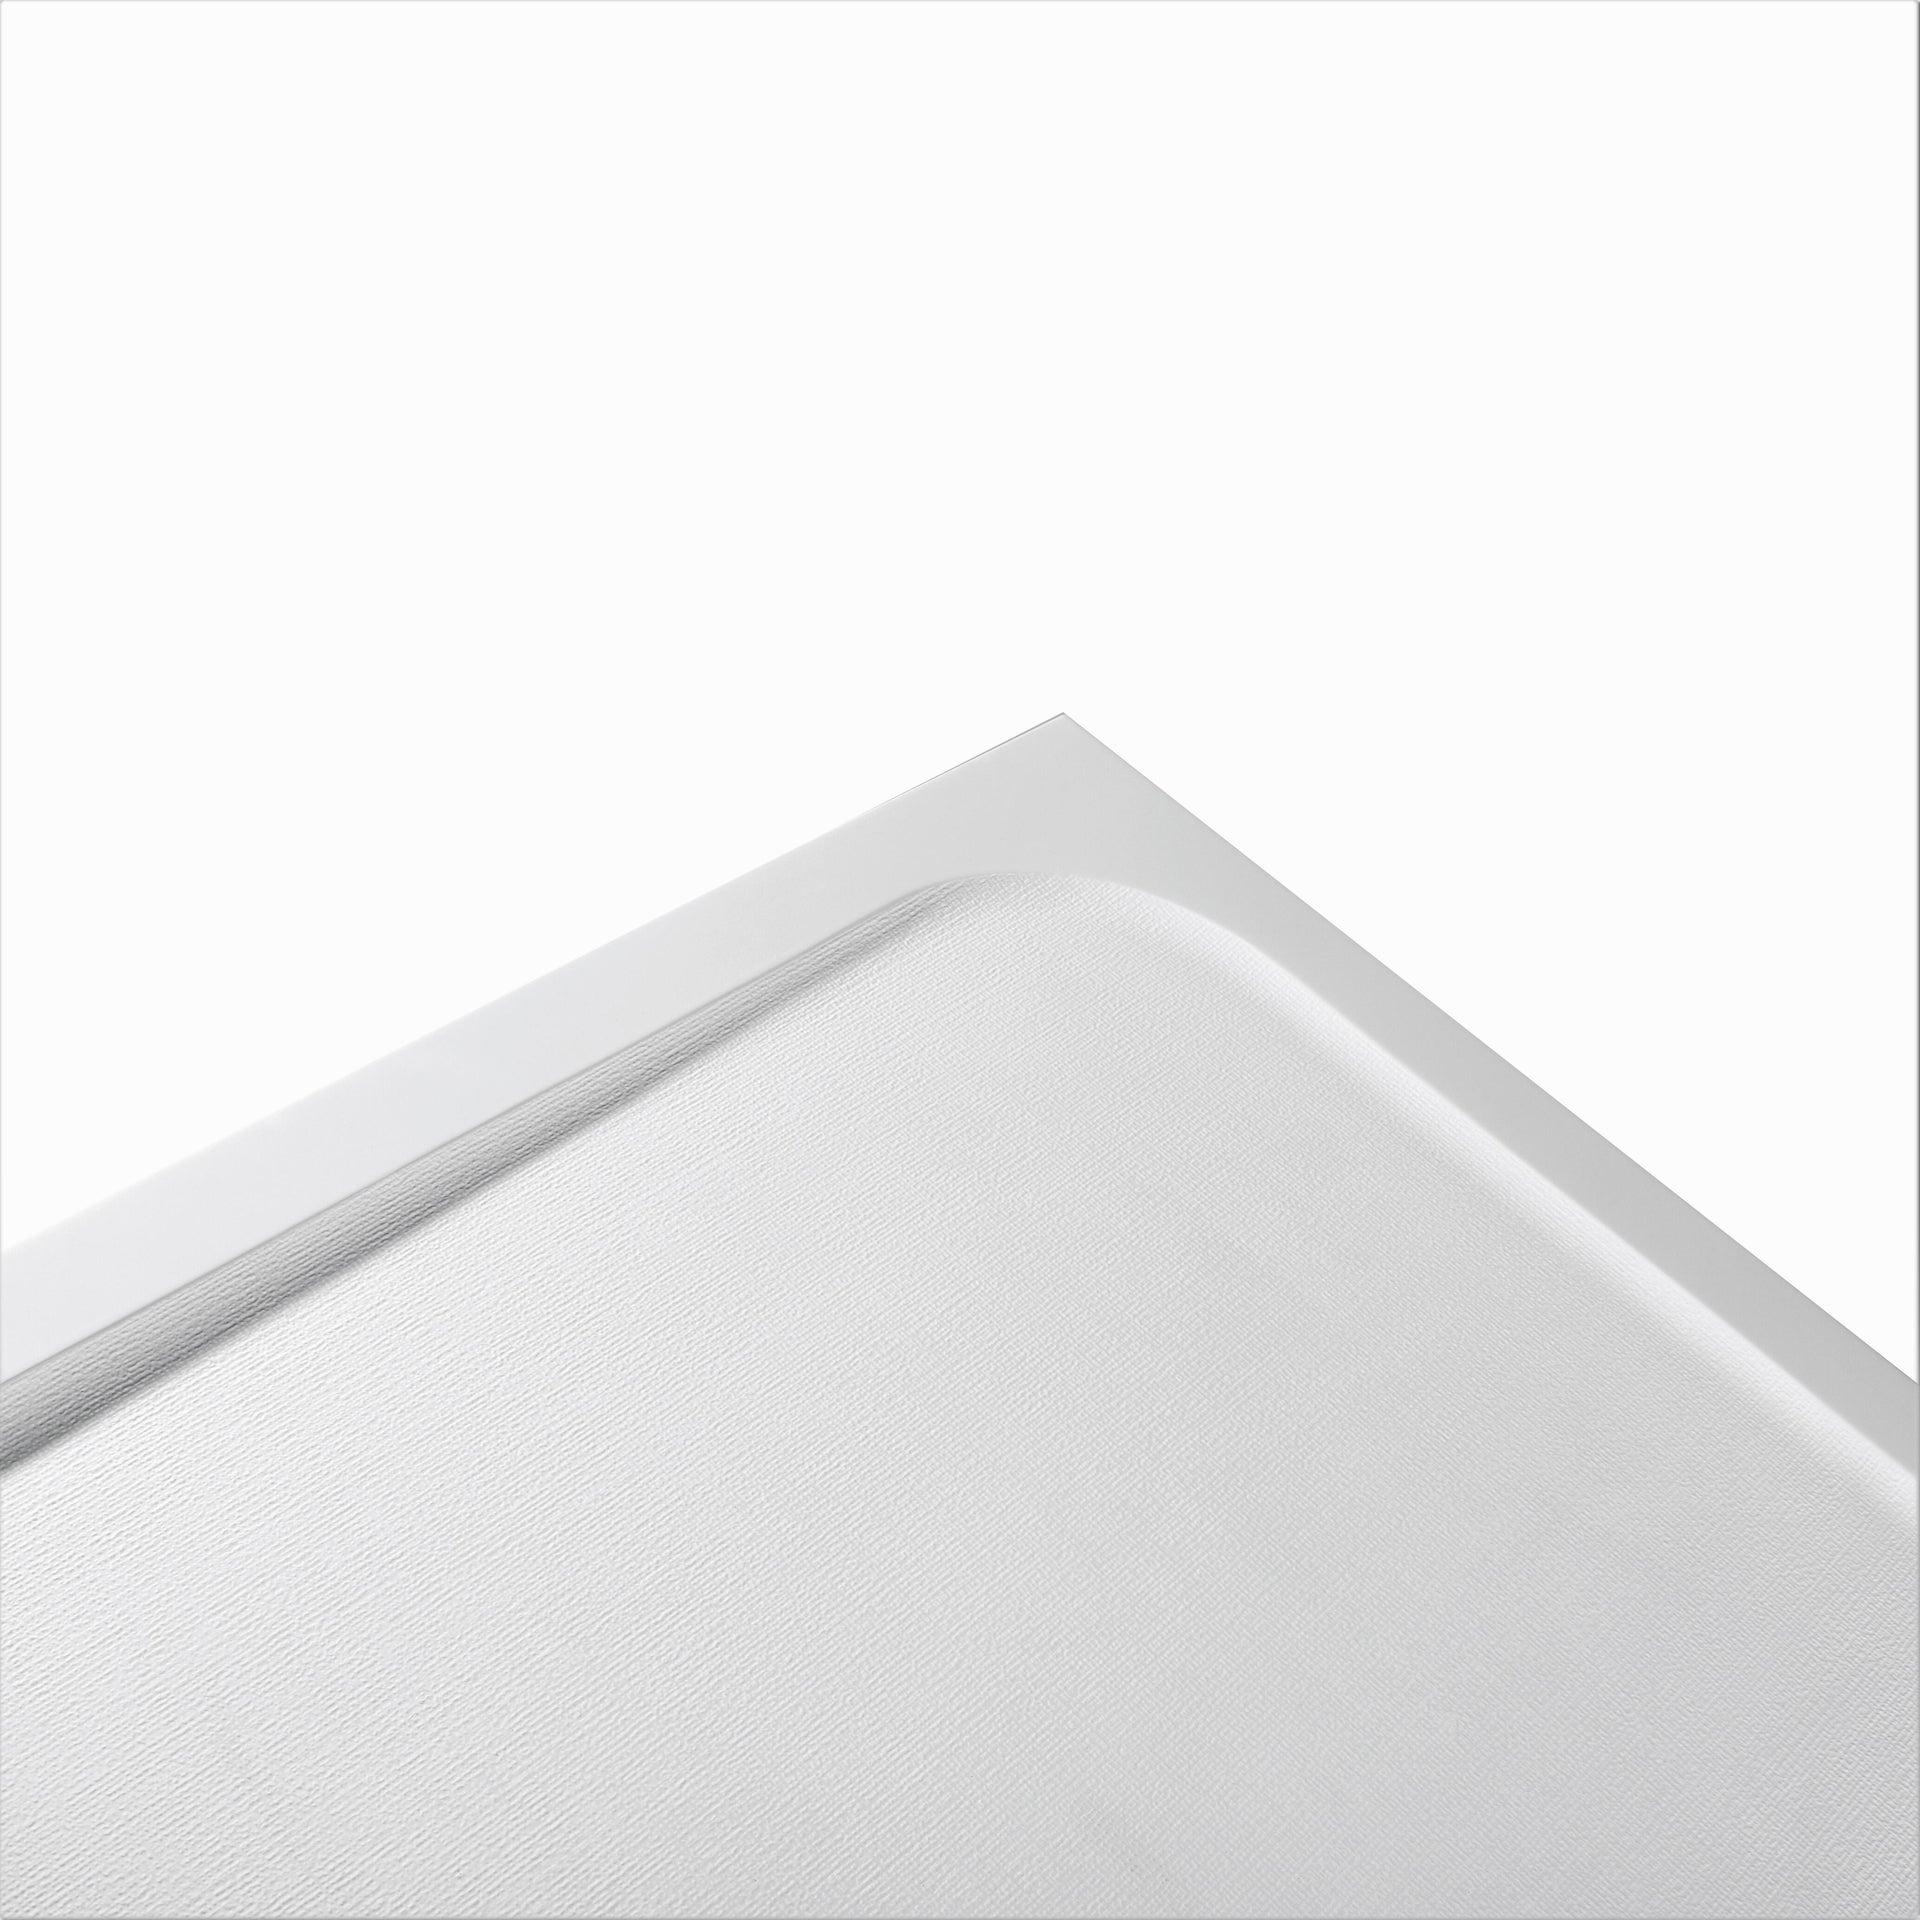 Piatto doccia resina sintetica e polvere di marmo Easy 80 x 80 cm bianco - 3